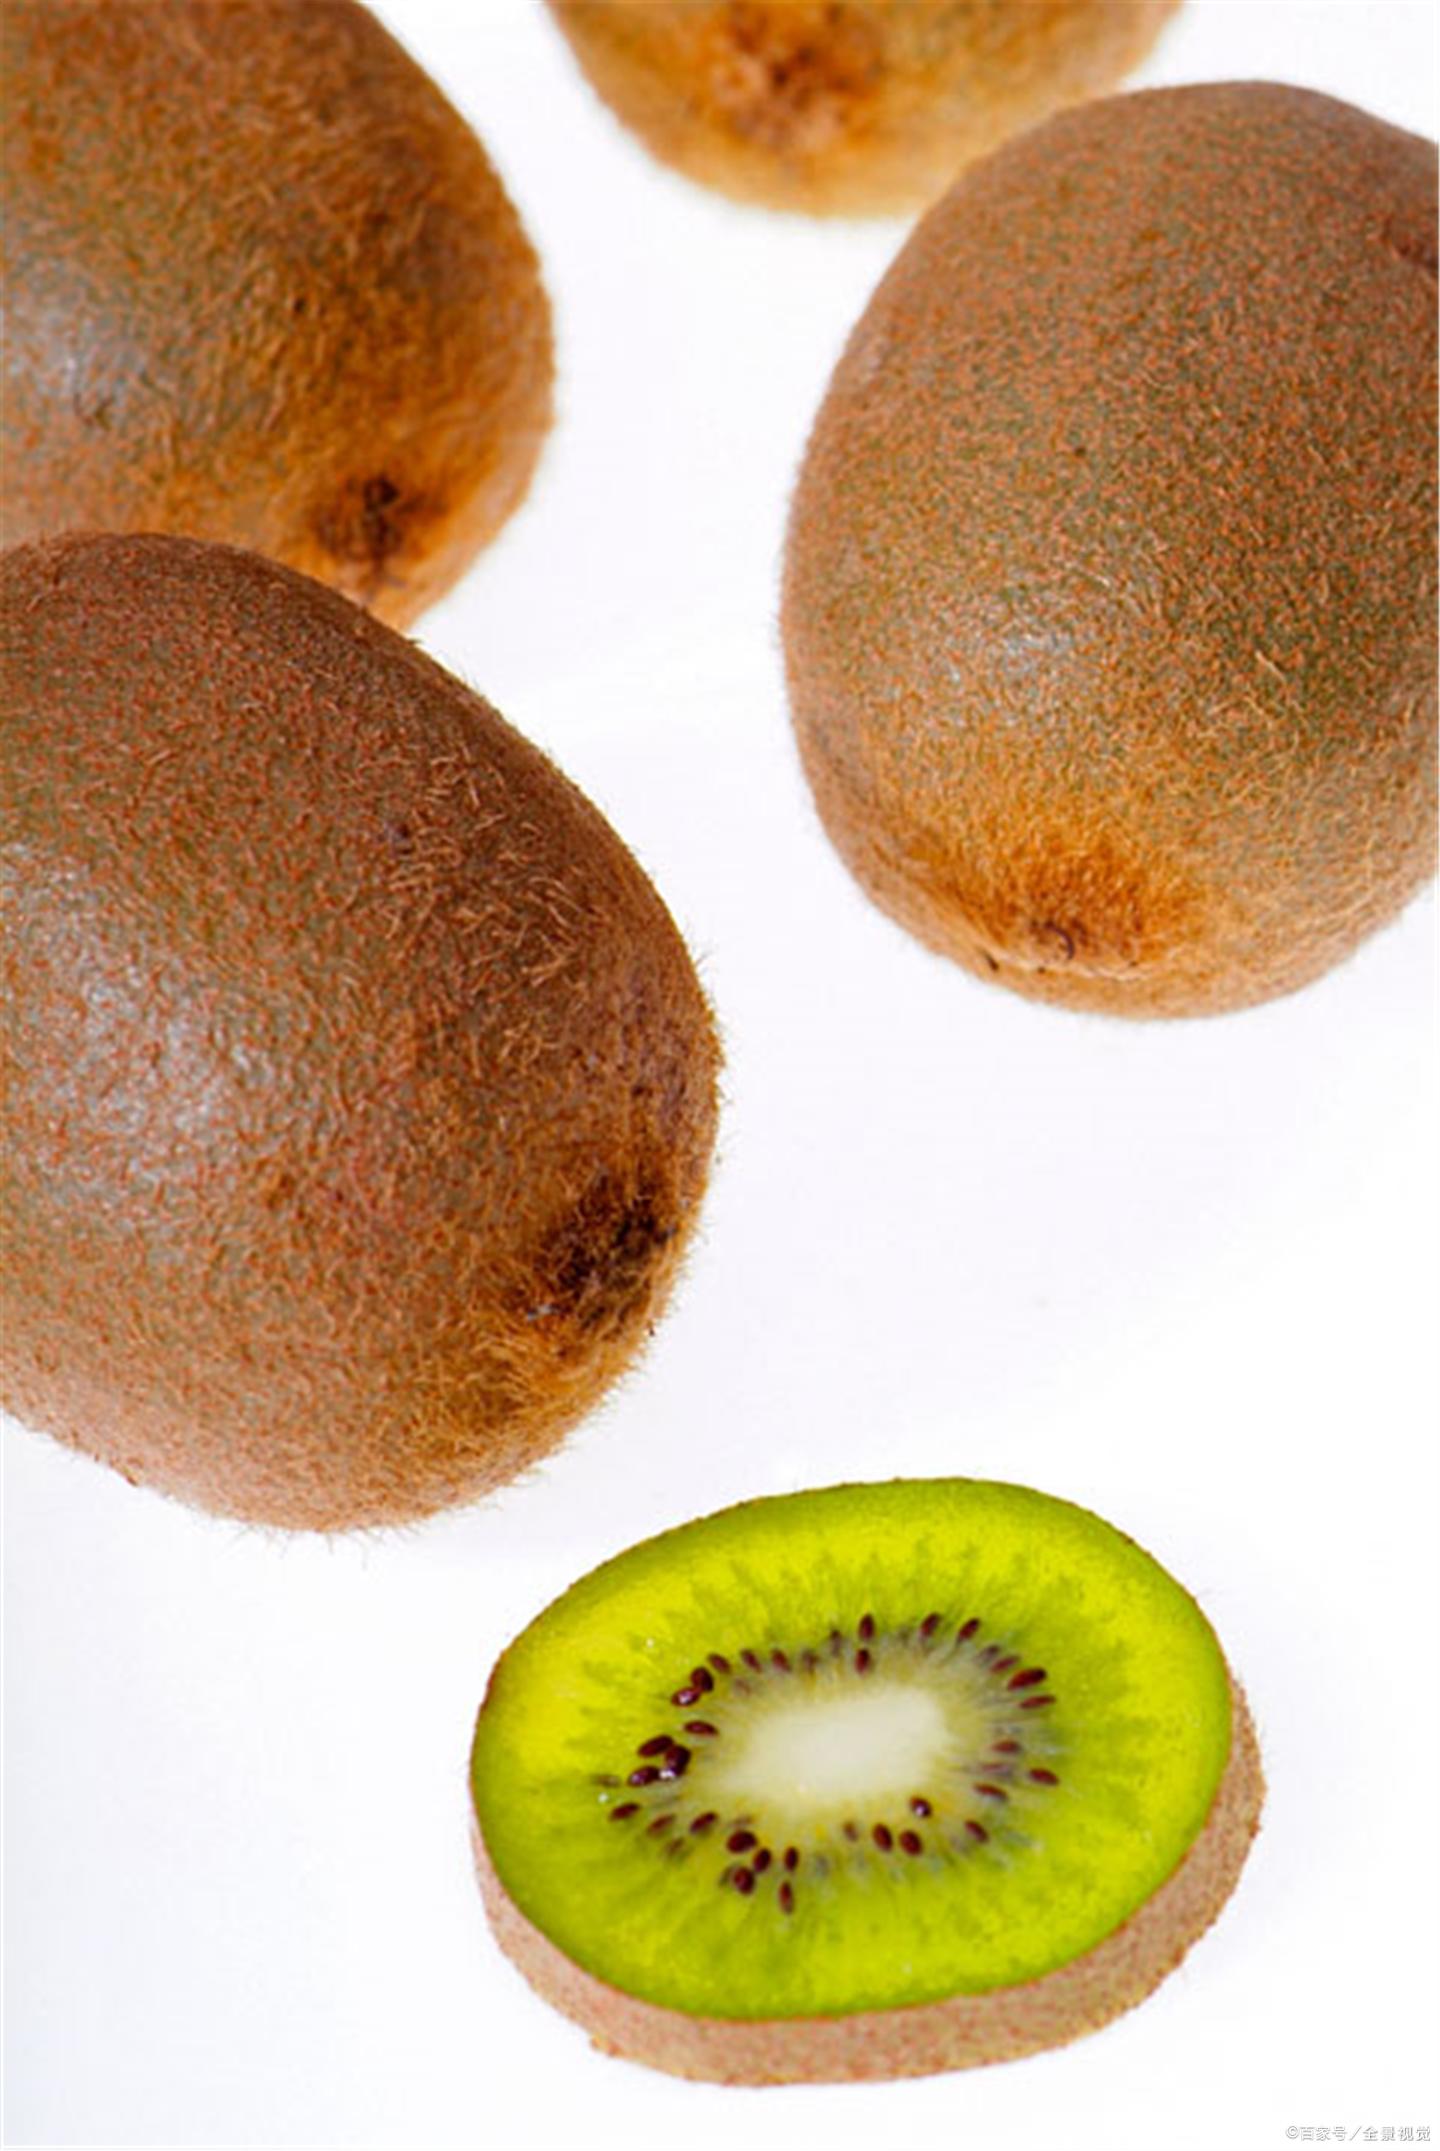 猕猴桃维生素含量高,哪些人群不能多吃呢?(猕猴桃含维生素c多吗)